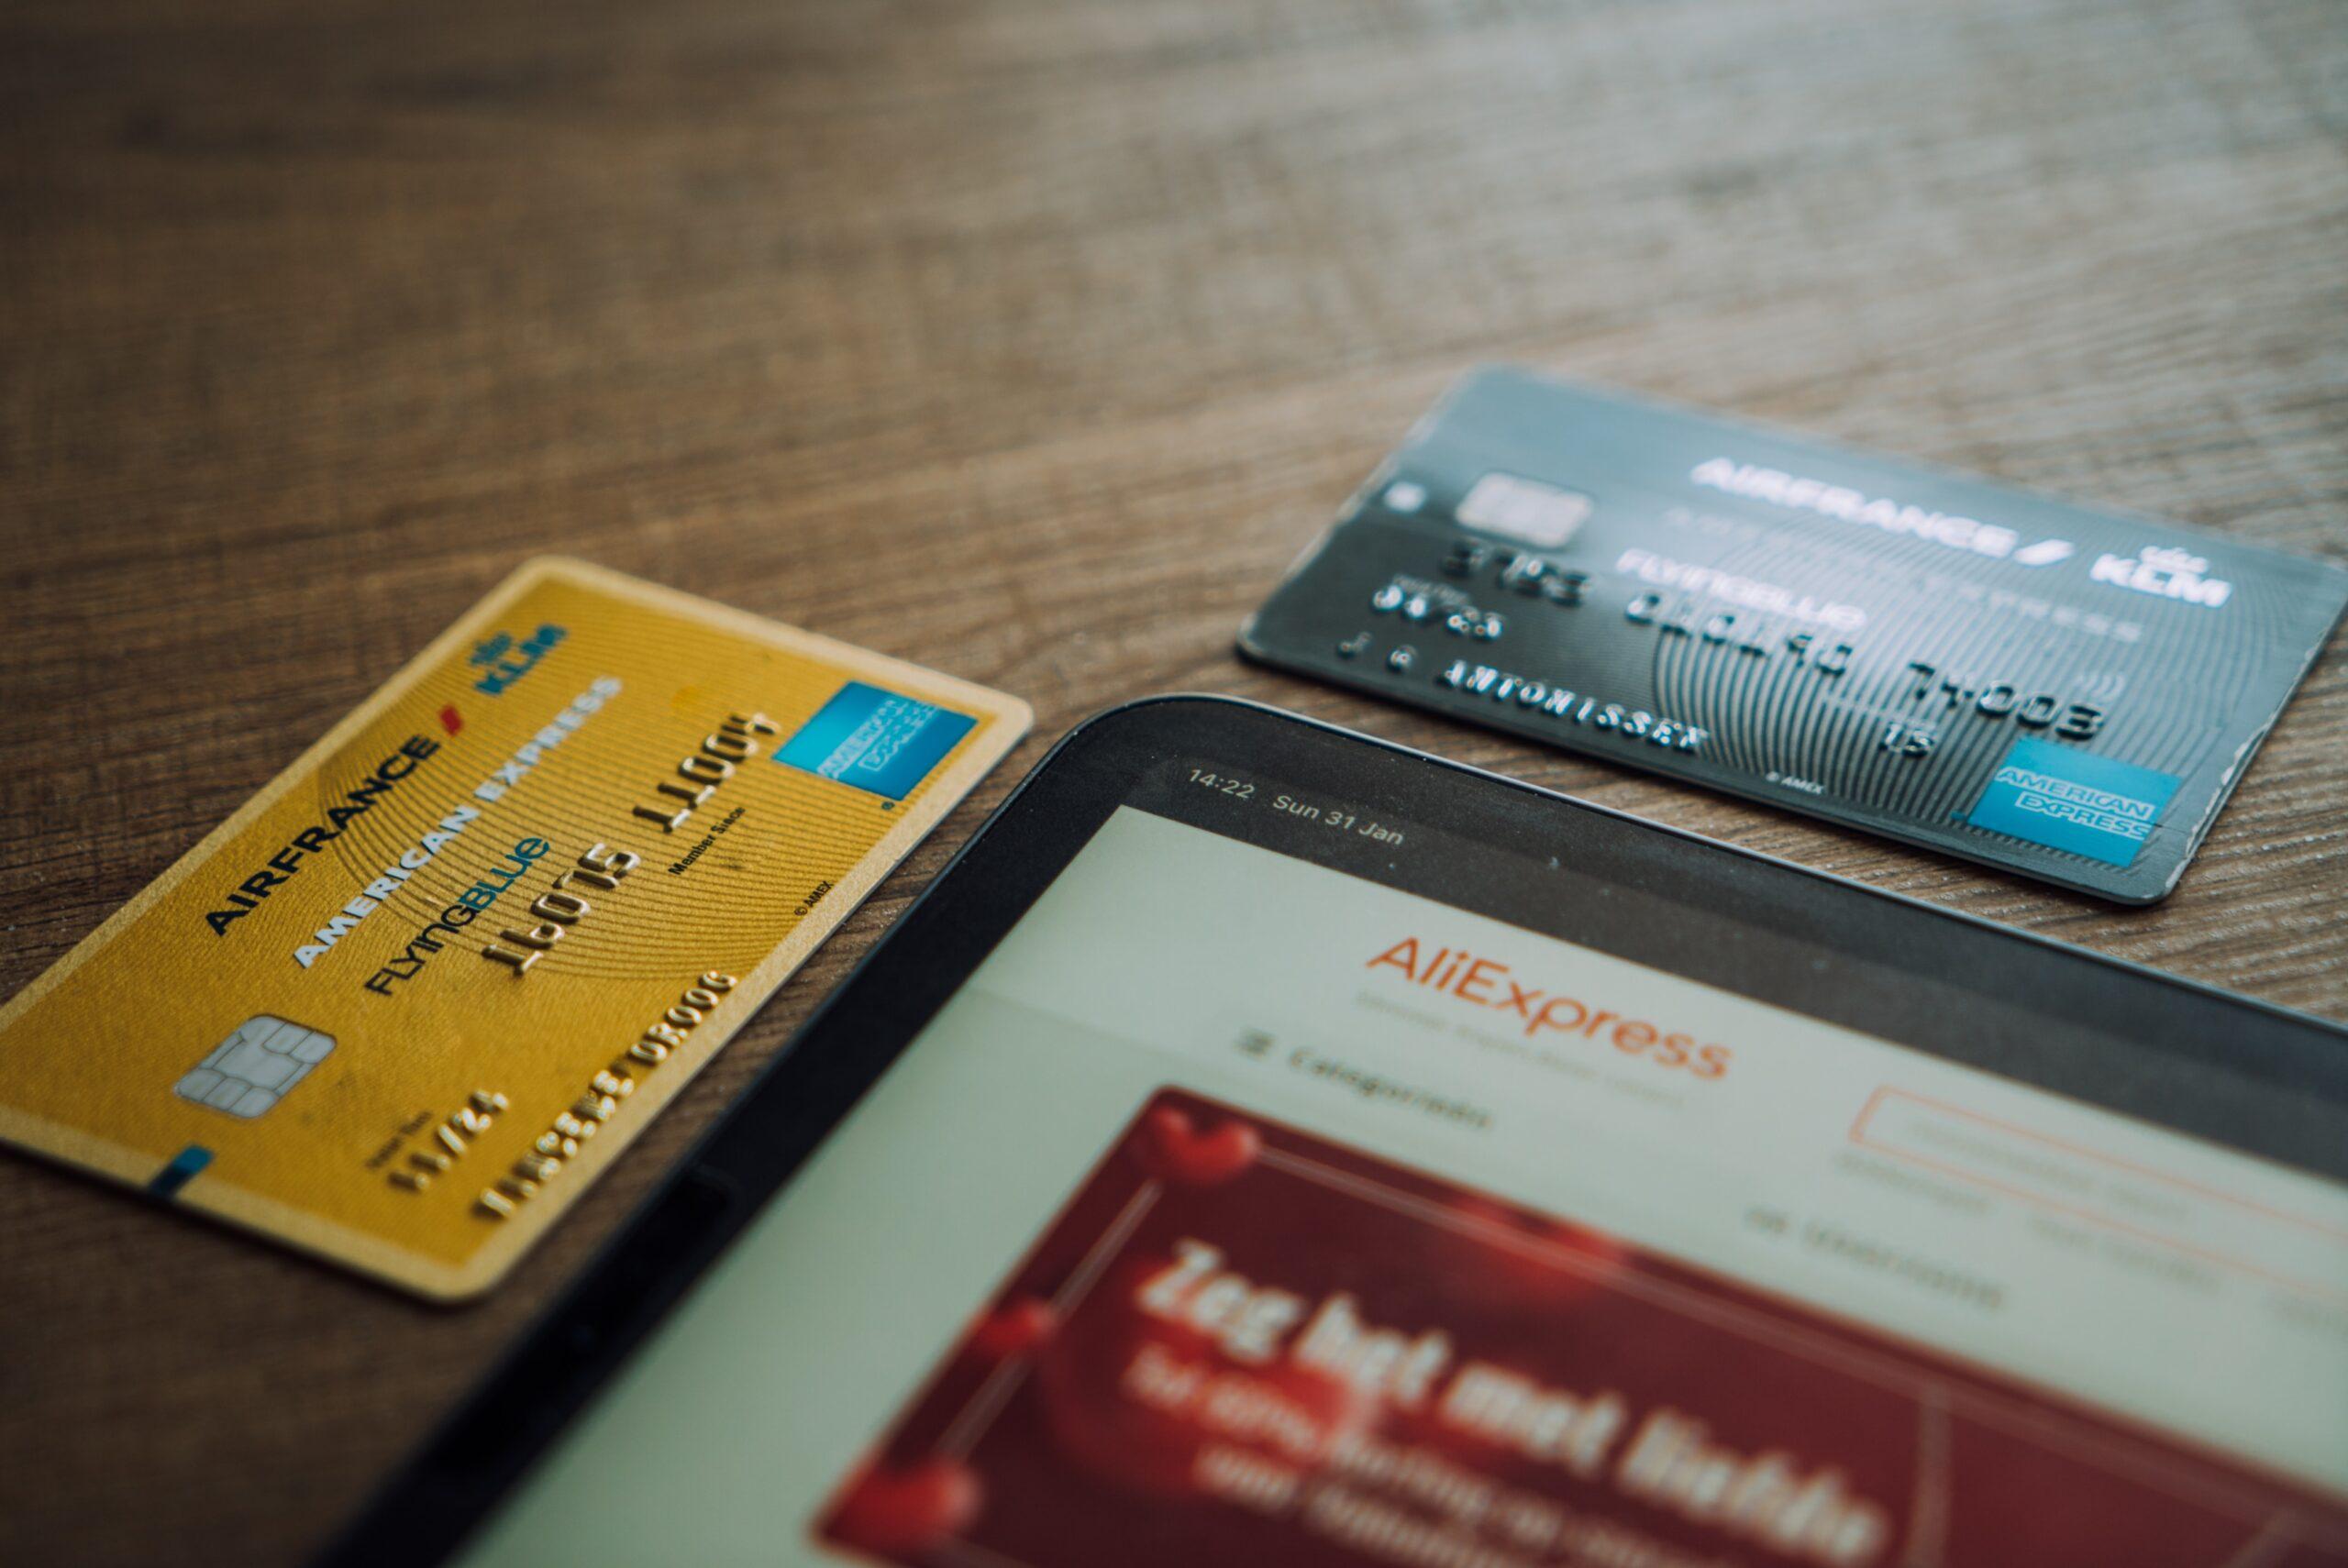 カードが飛び出すSECRID財布のデメリット